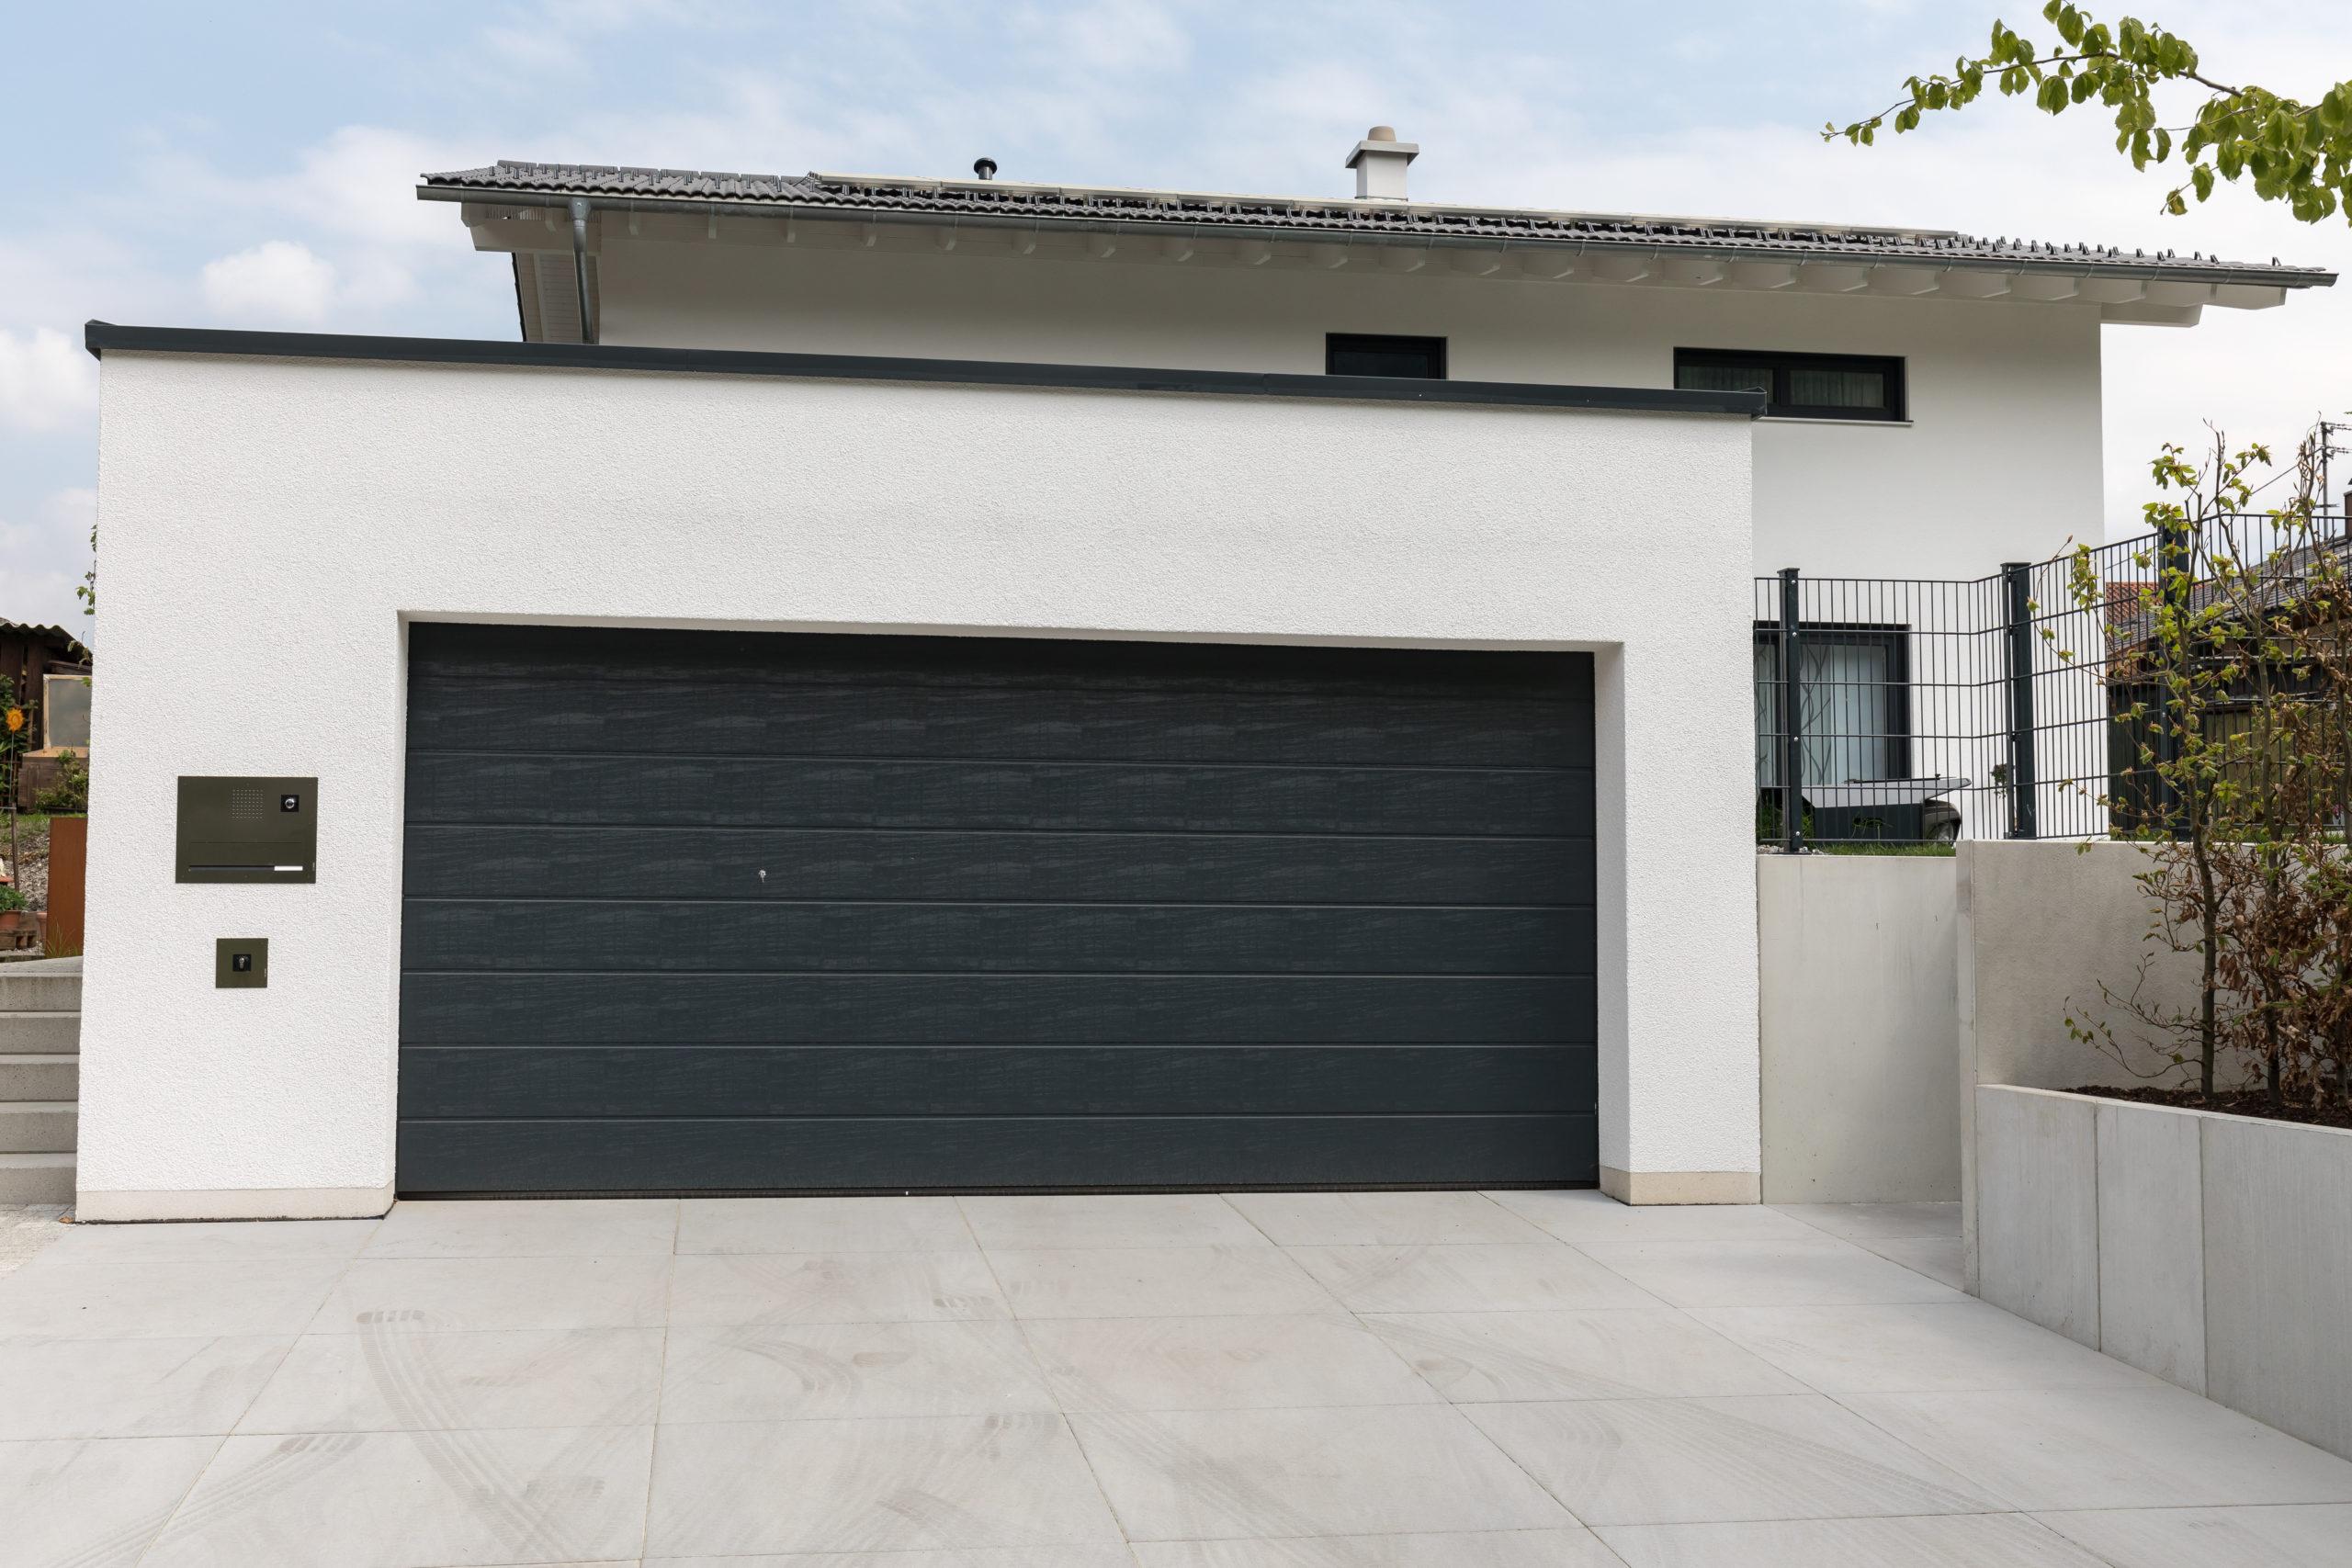 Eine Doppelgarage verleiht dem Haus einen mondänen Eindruck.